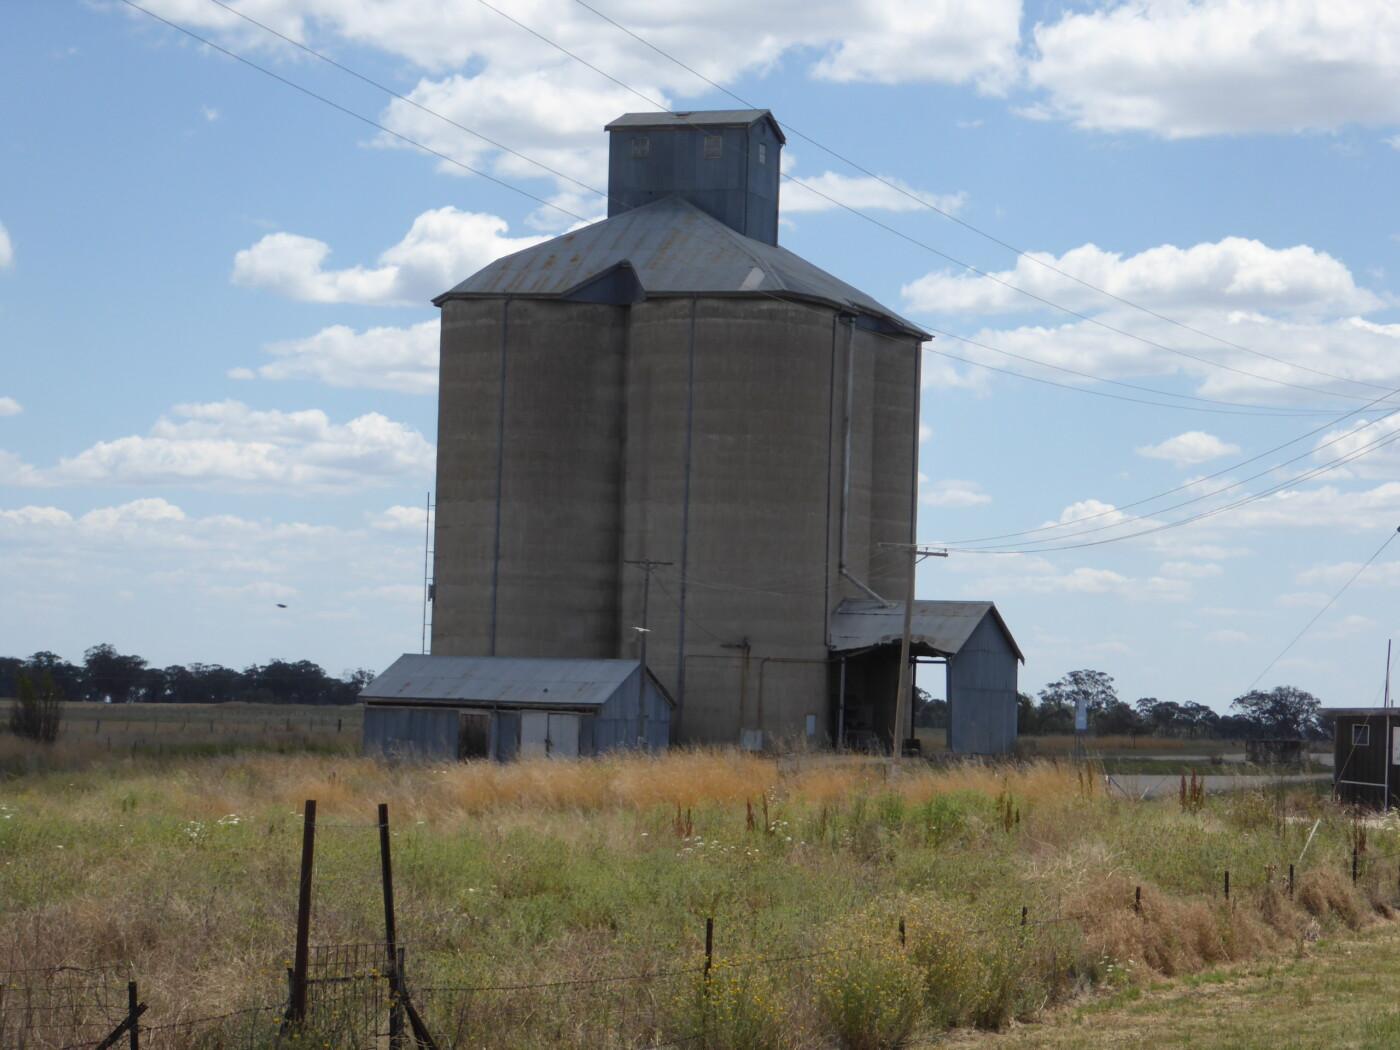 Delungra grain silos